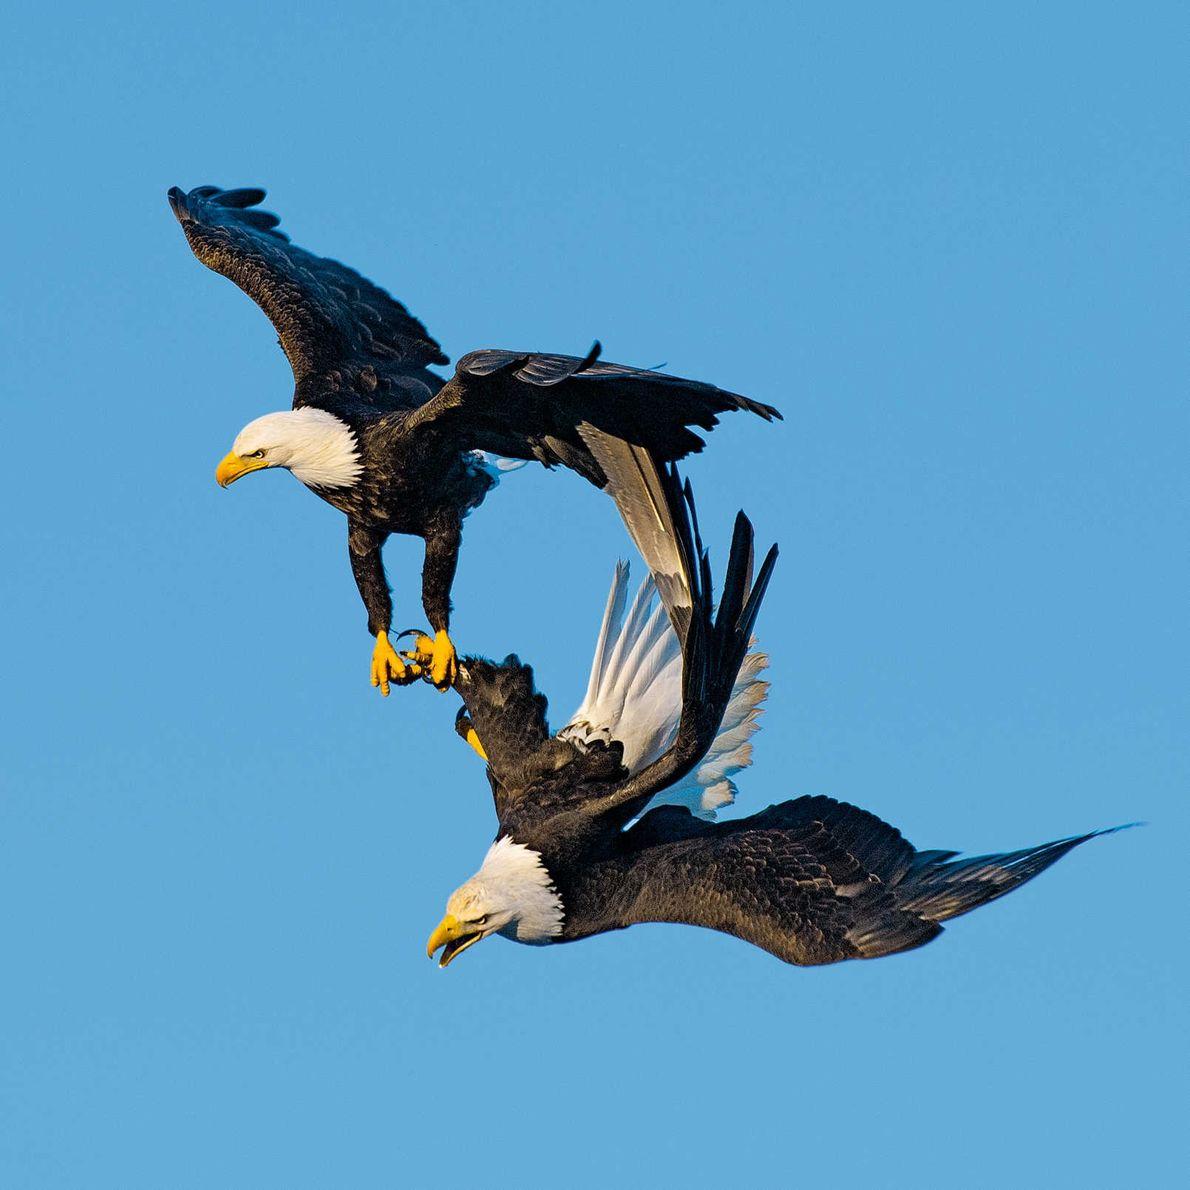 Zwei Weißkopfseeadler halten einander bei einem riskanten Balzritual in der Luft fest.